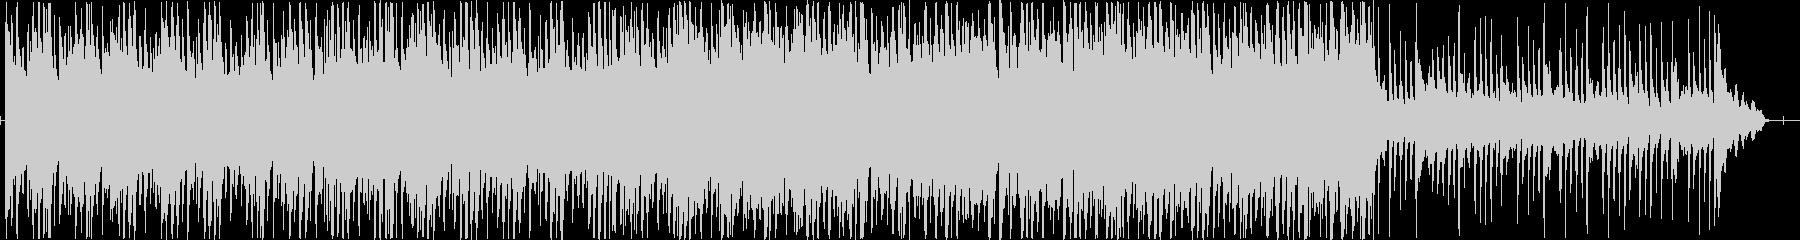 リズミックなポップテイストBGMの未再生の波形